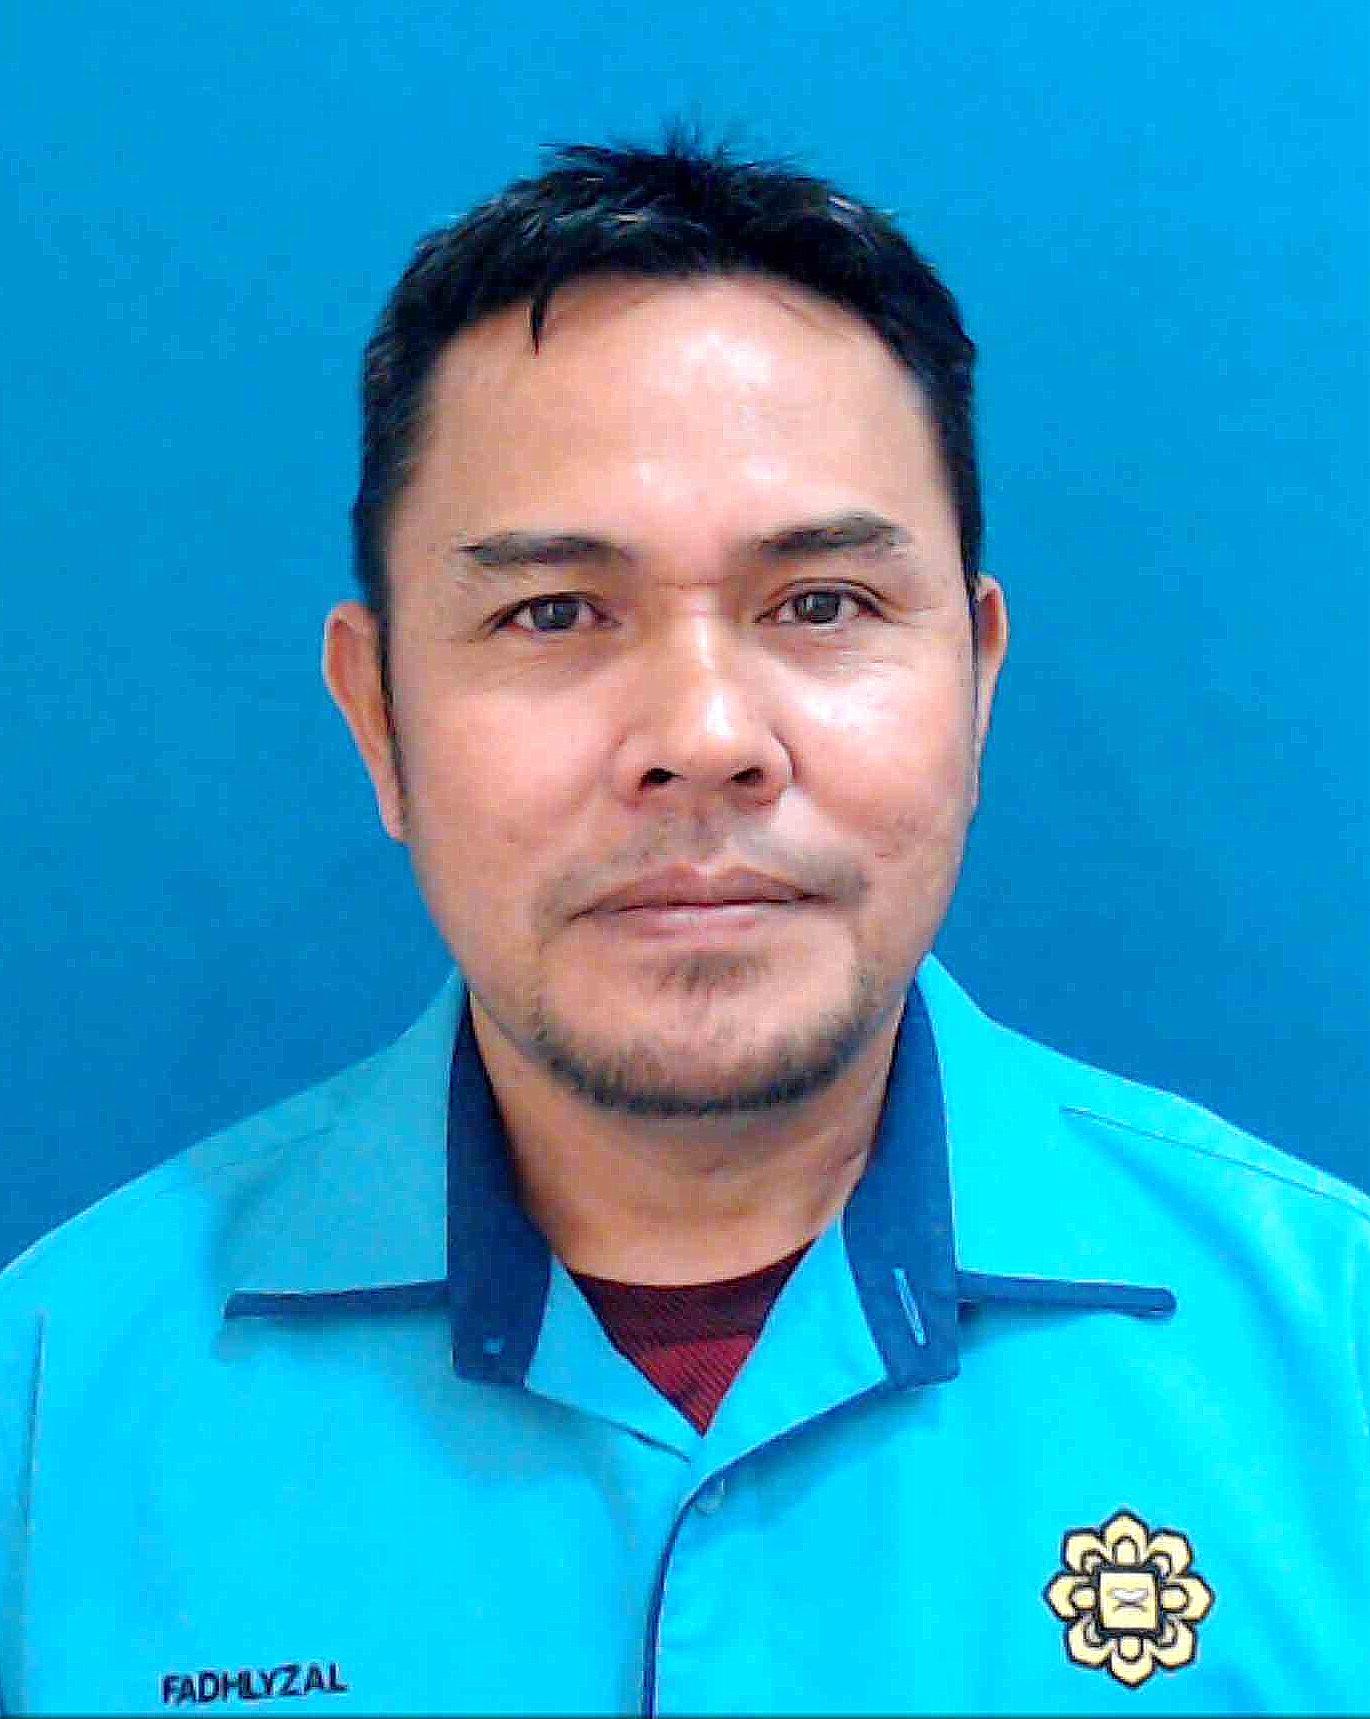 Ahmad Fadhlyzal Bin Wahid